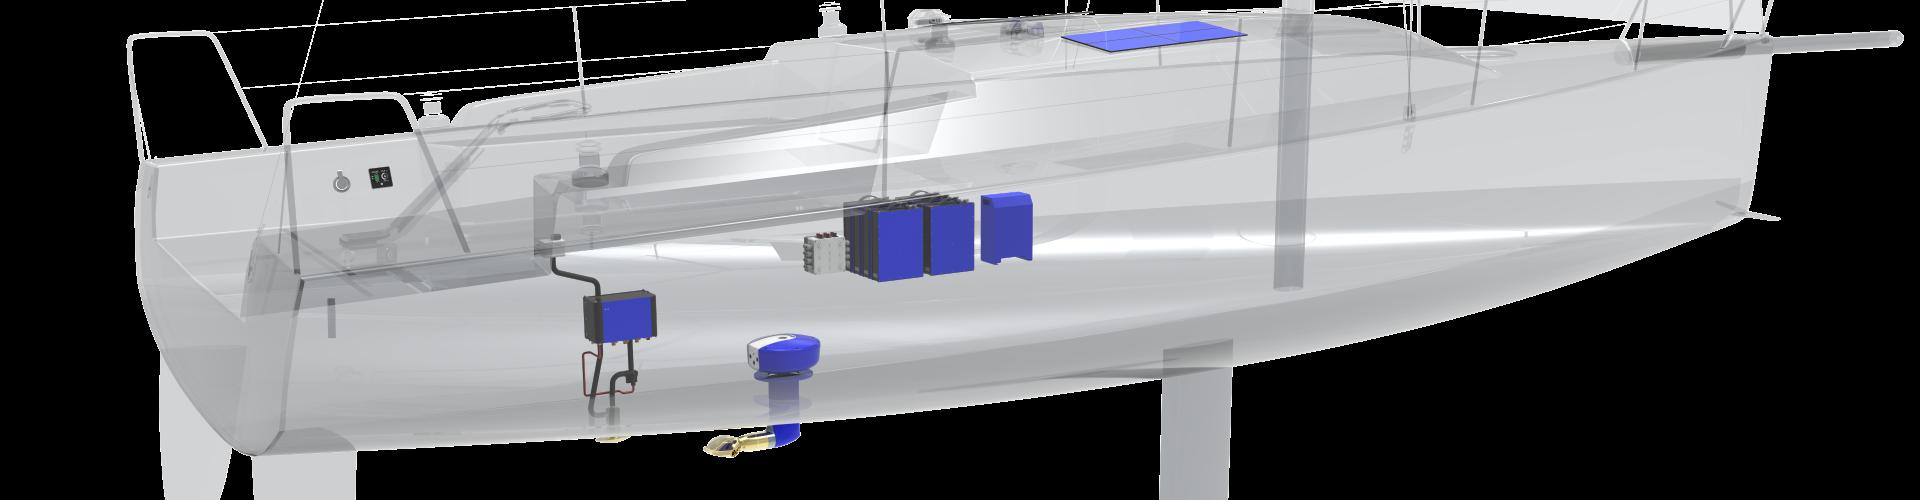 Oceanvolt monohull installatie voorbeeld